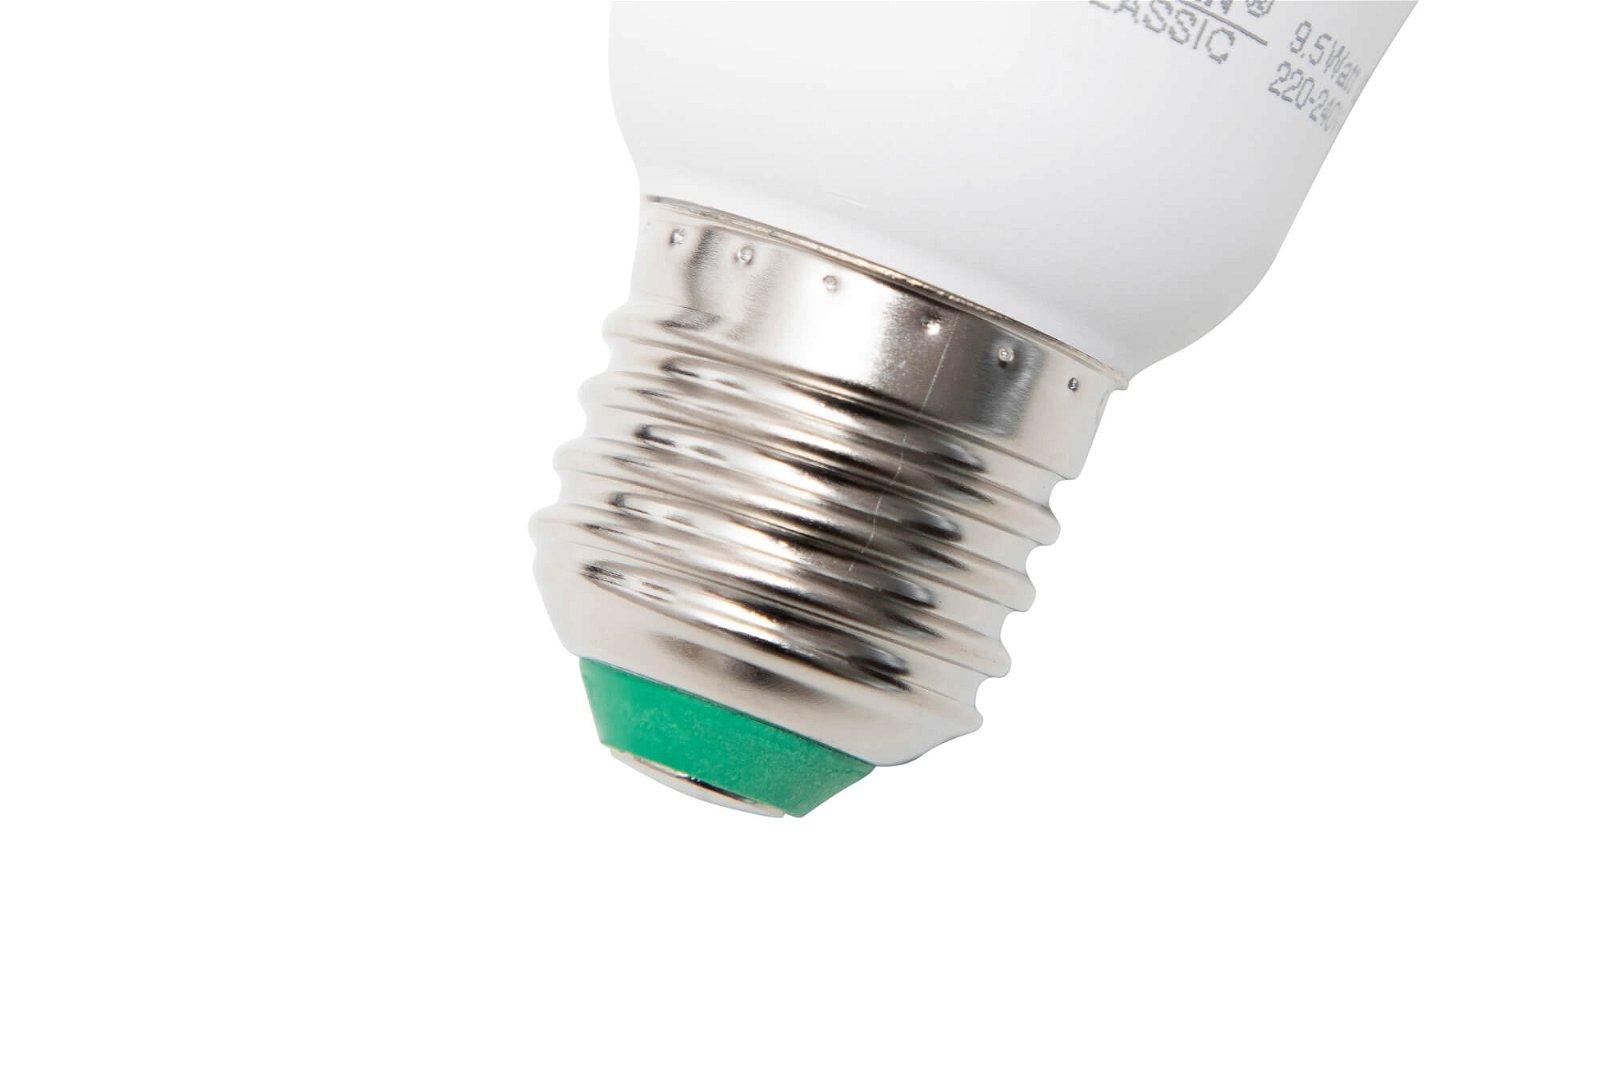 LED-Leuchtmittel 10 W Sockel E27, 4000 K, glasklar